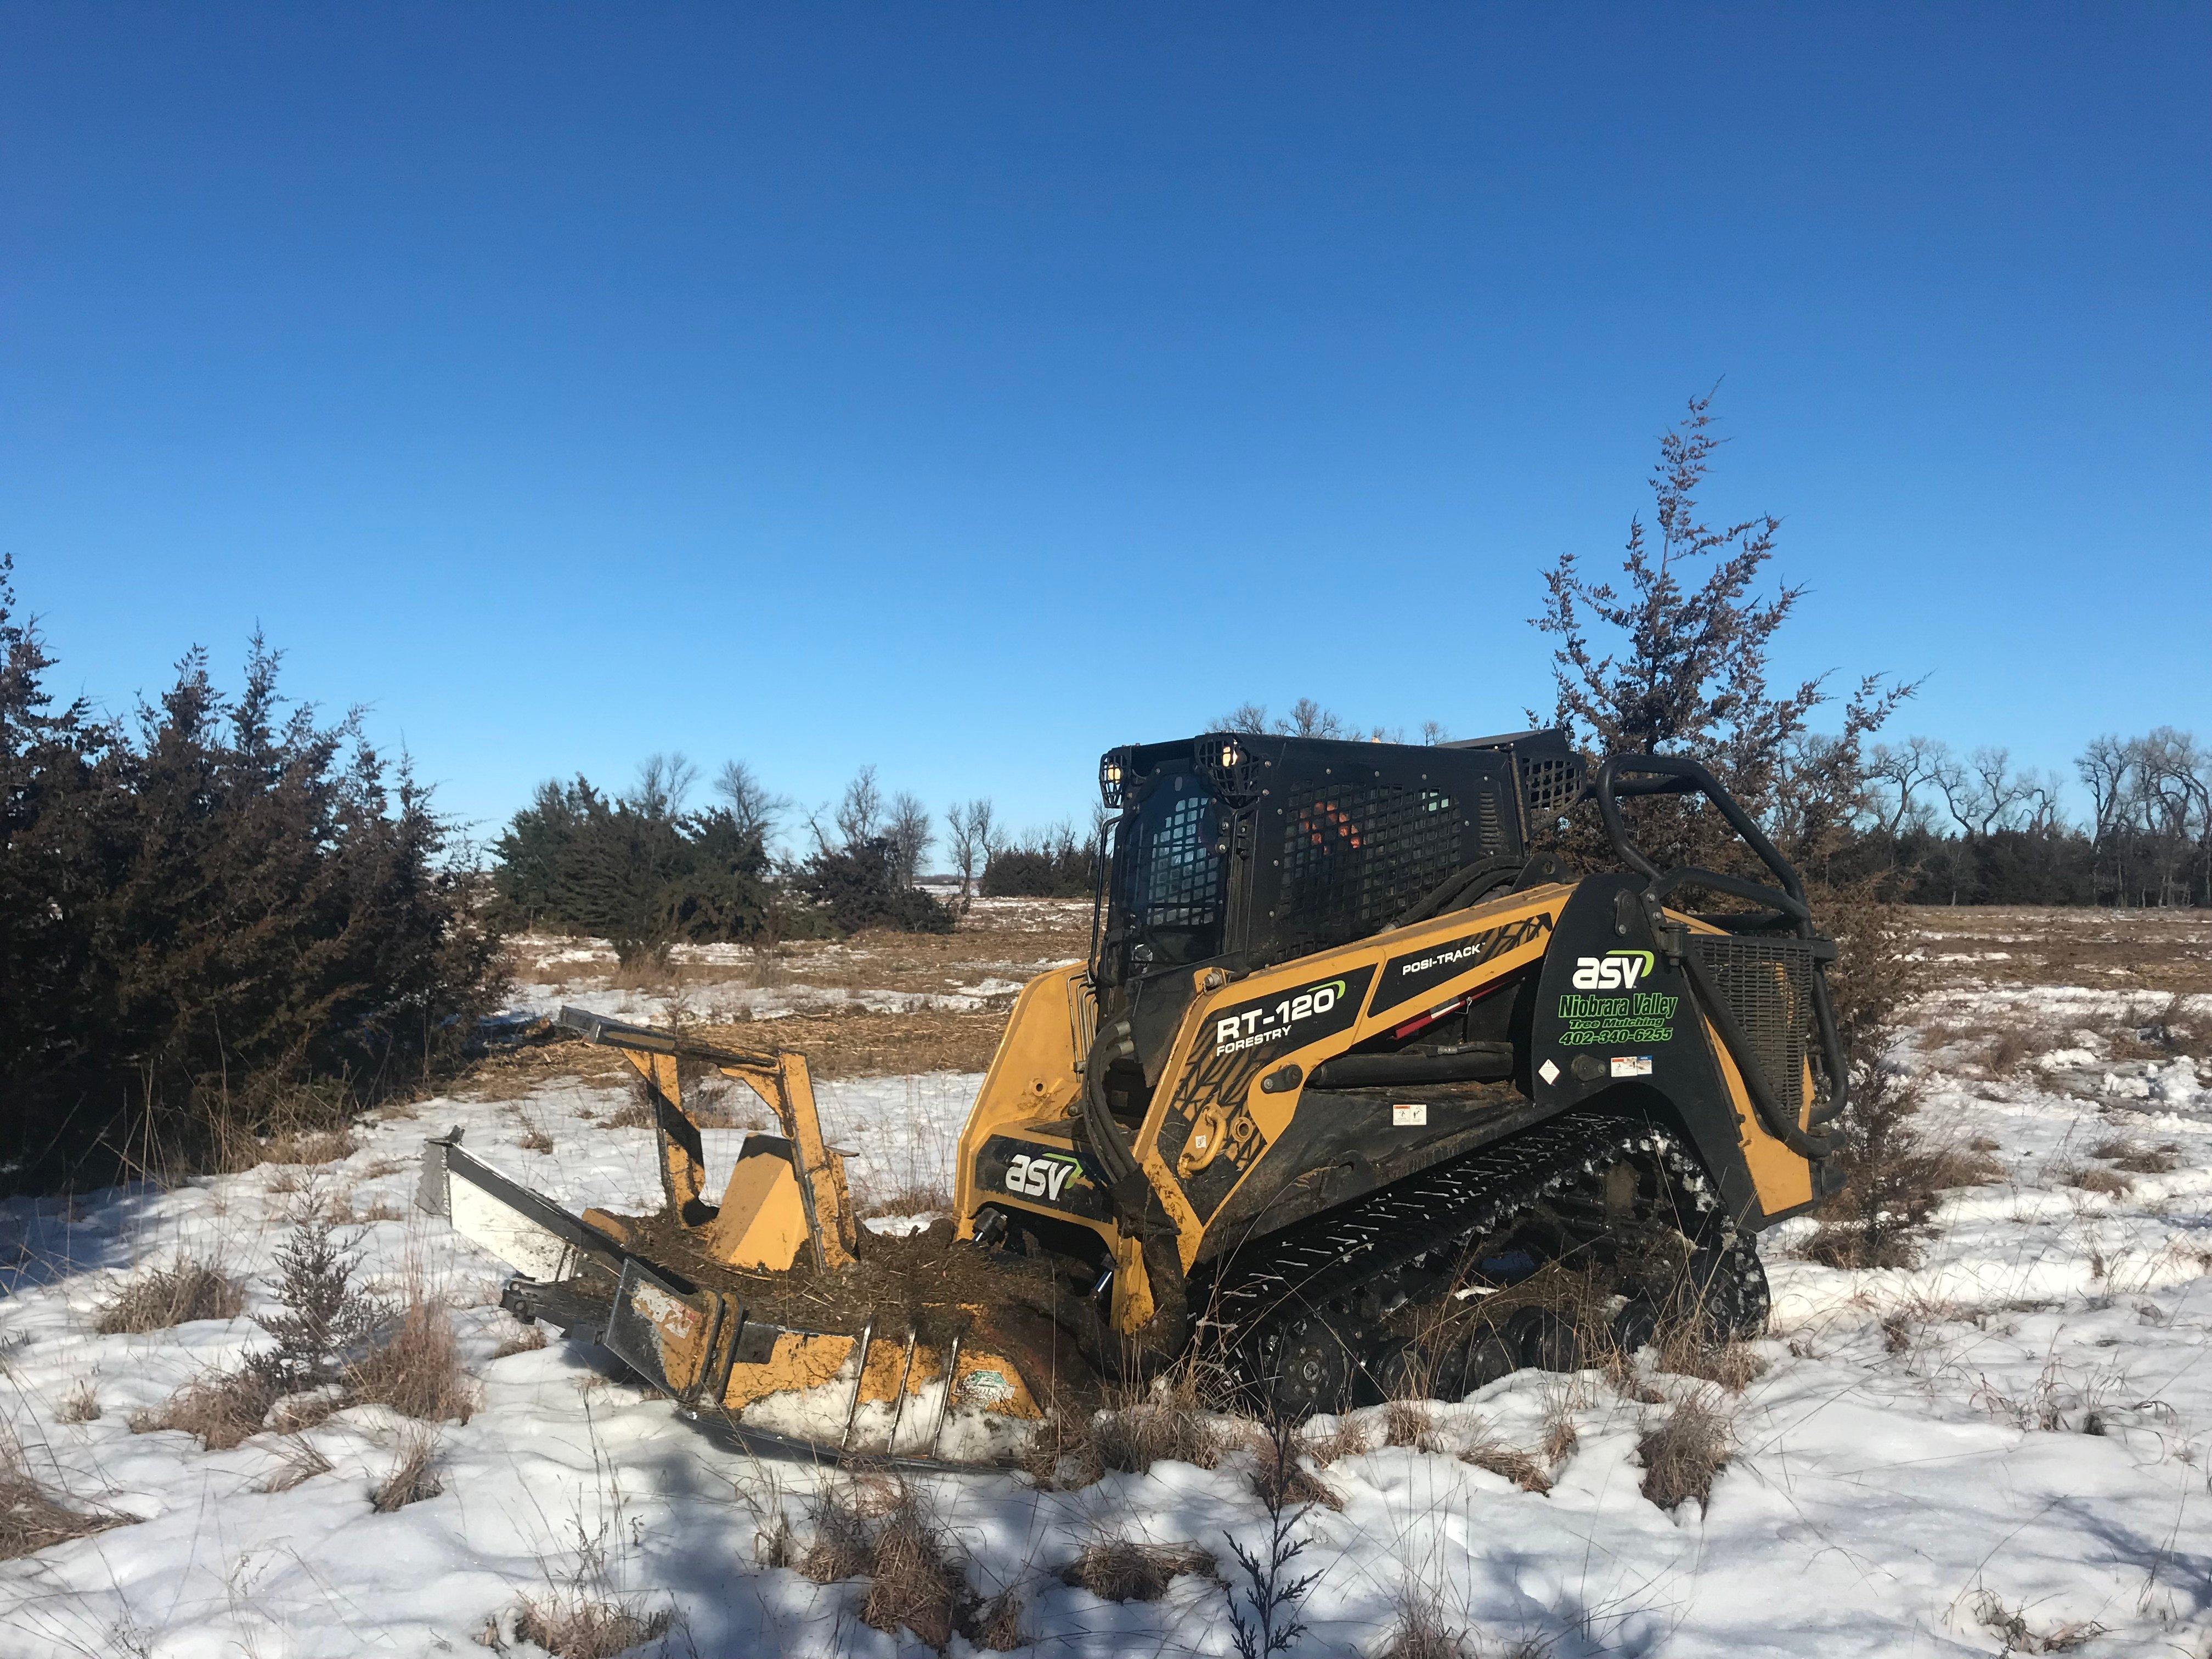 Skid-Steer Forestry Mulcher in snow